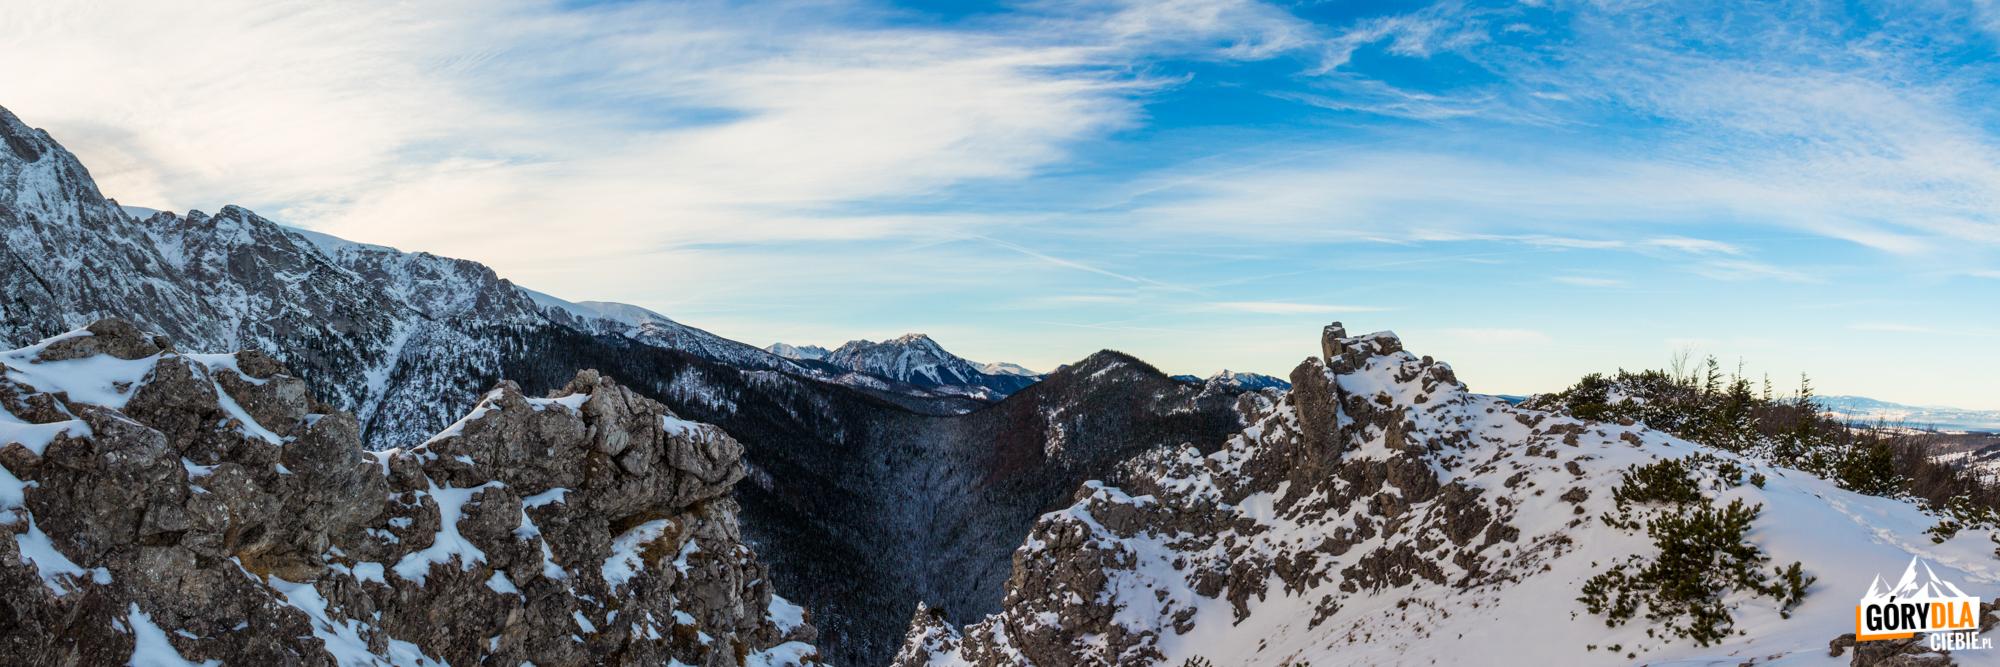 Widok zSarniej Skały (1377 m) naŁysanki (1447 m), adalej odległy Kominiarski Wierch